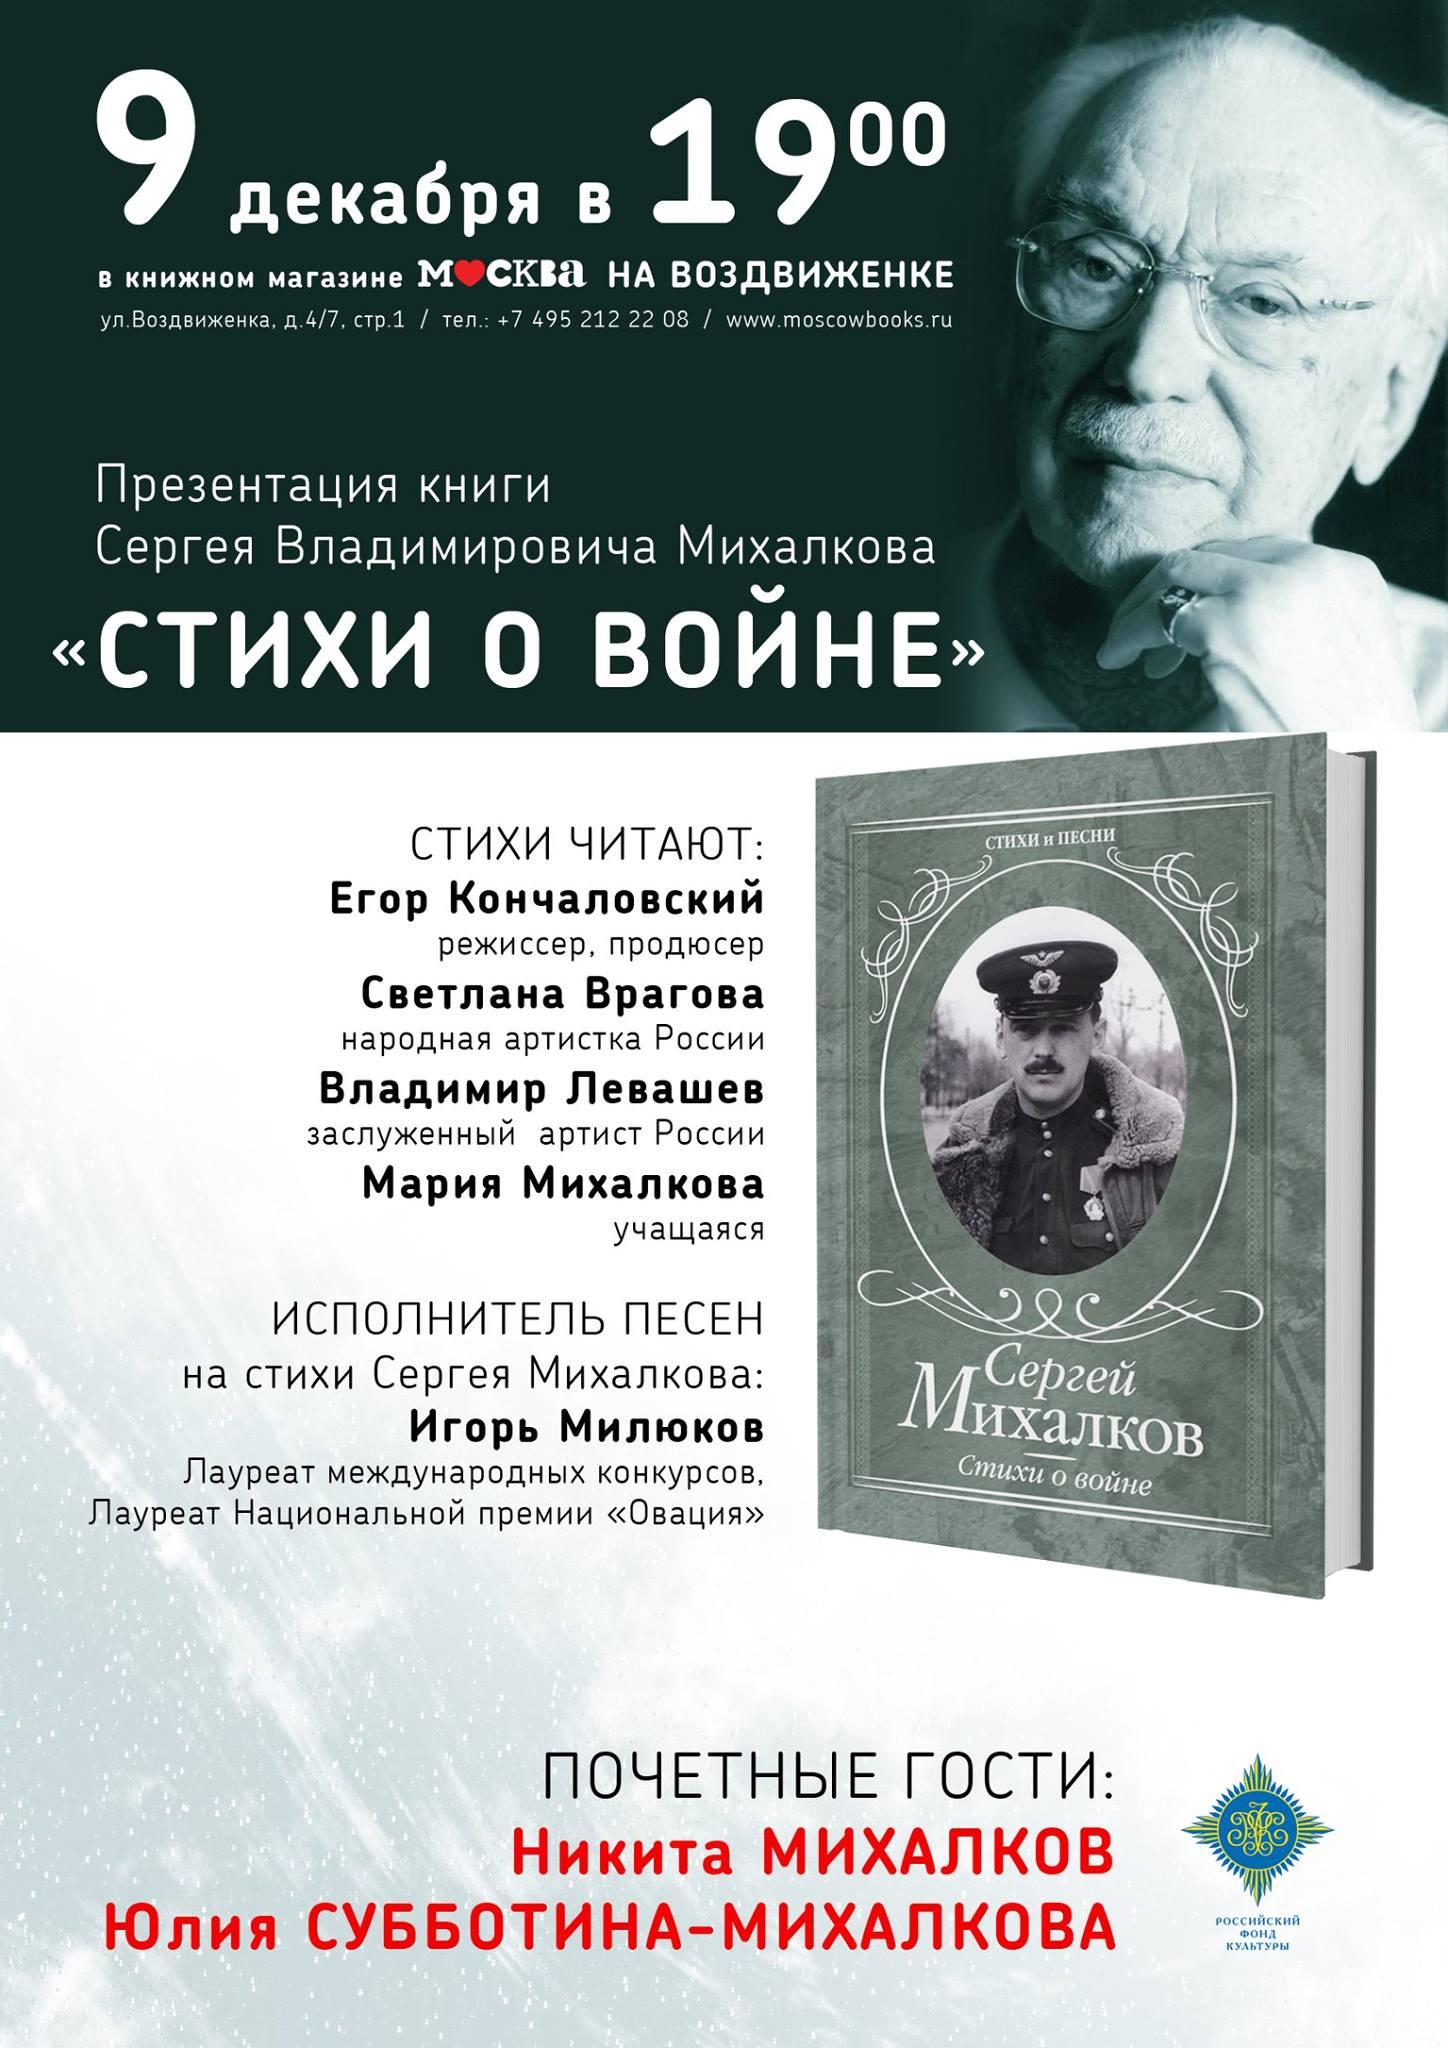 Стих к дню 9 декабря героев отечества 19 фотография